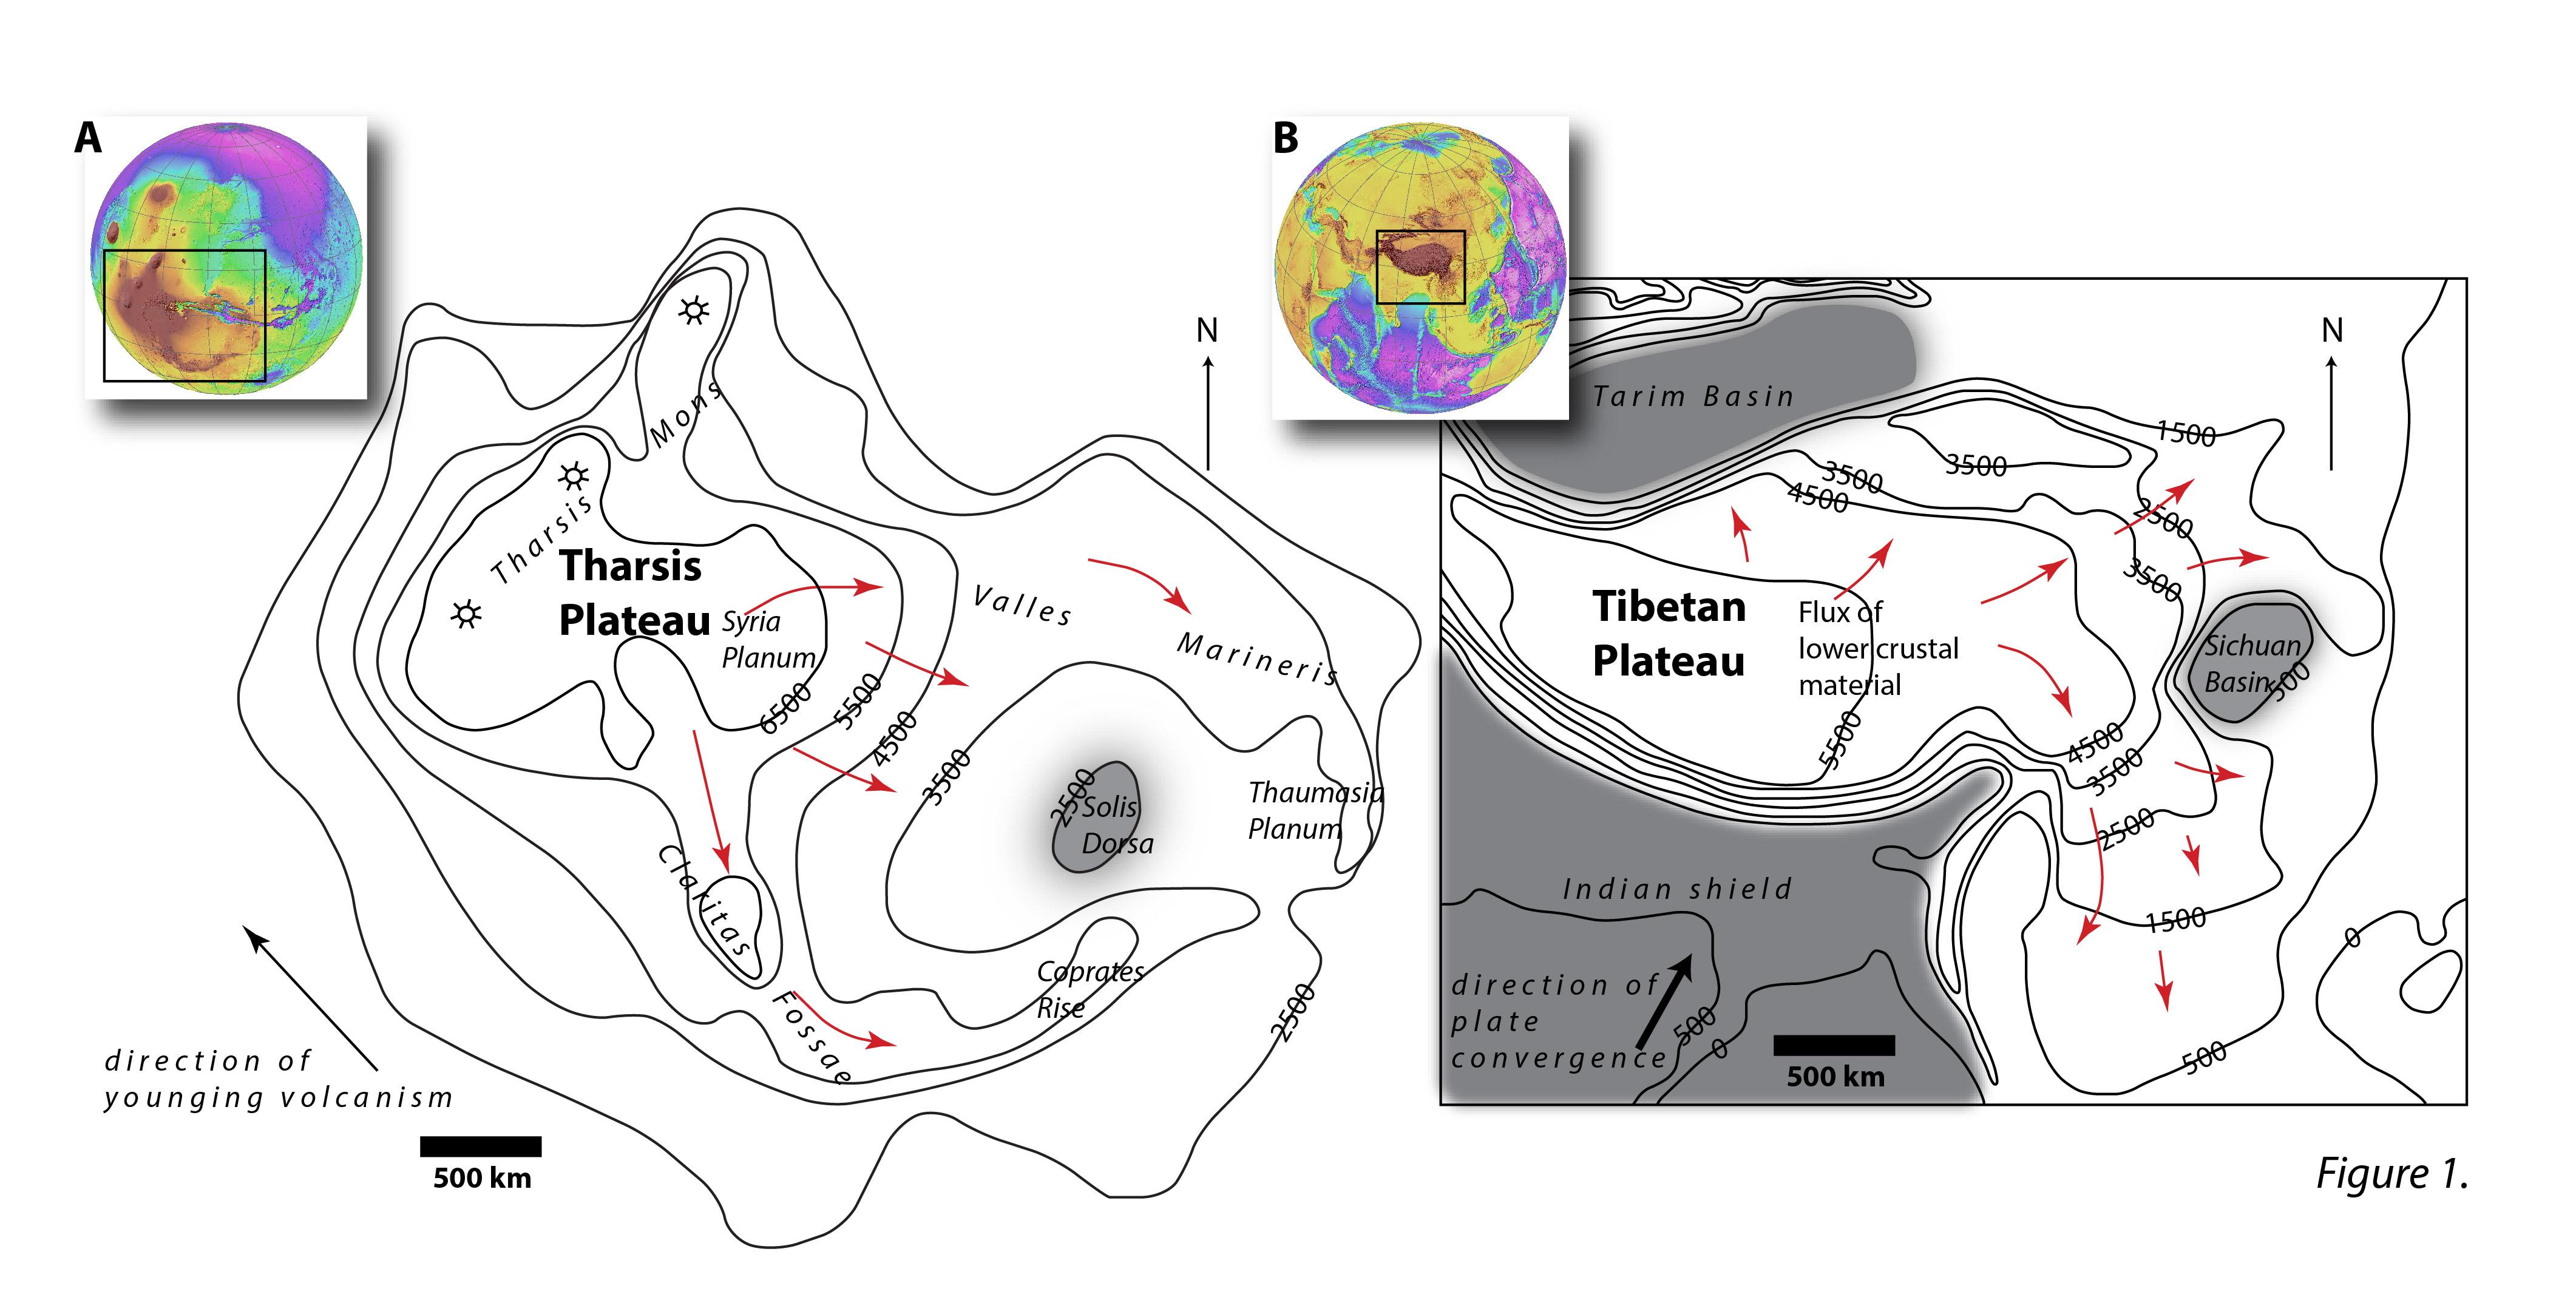 Did The Lower Crust Flow On Mars Speaking Of Geoscience